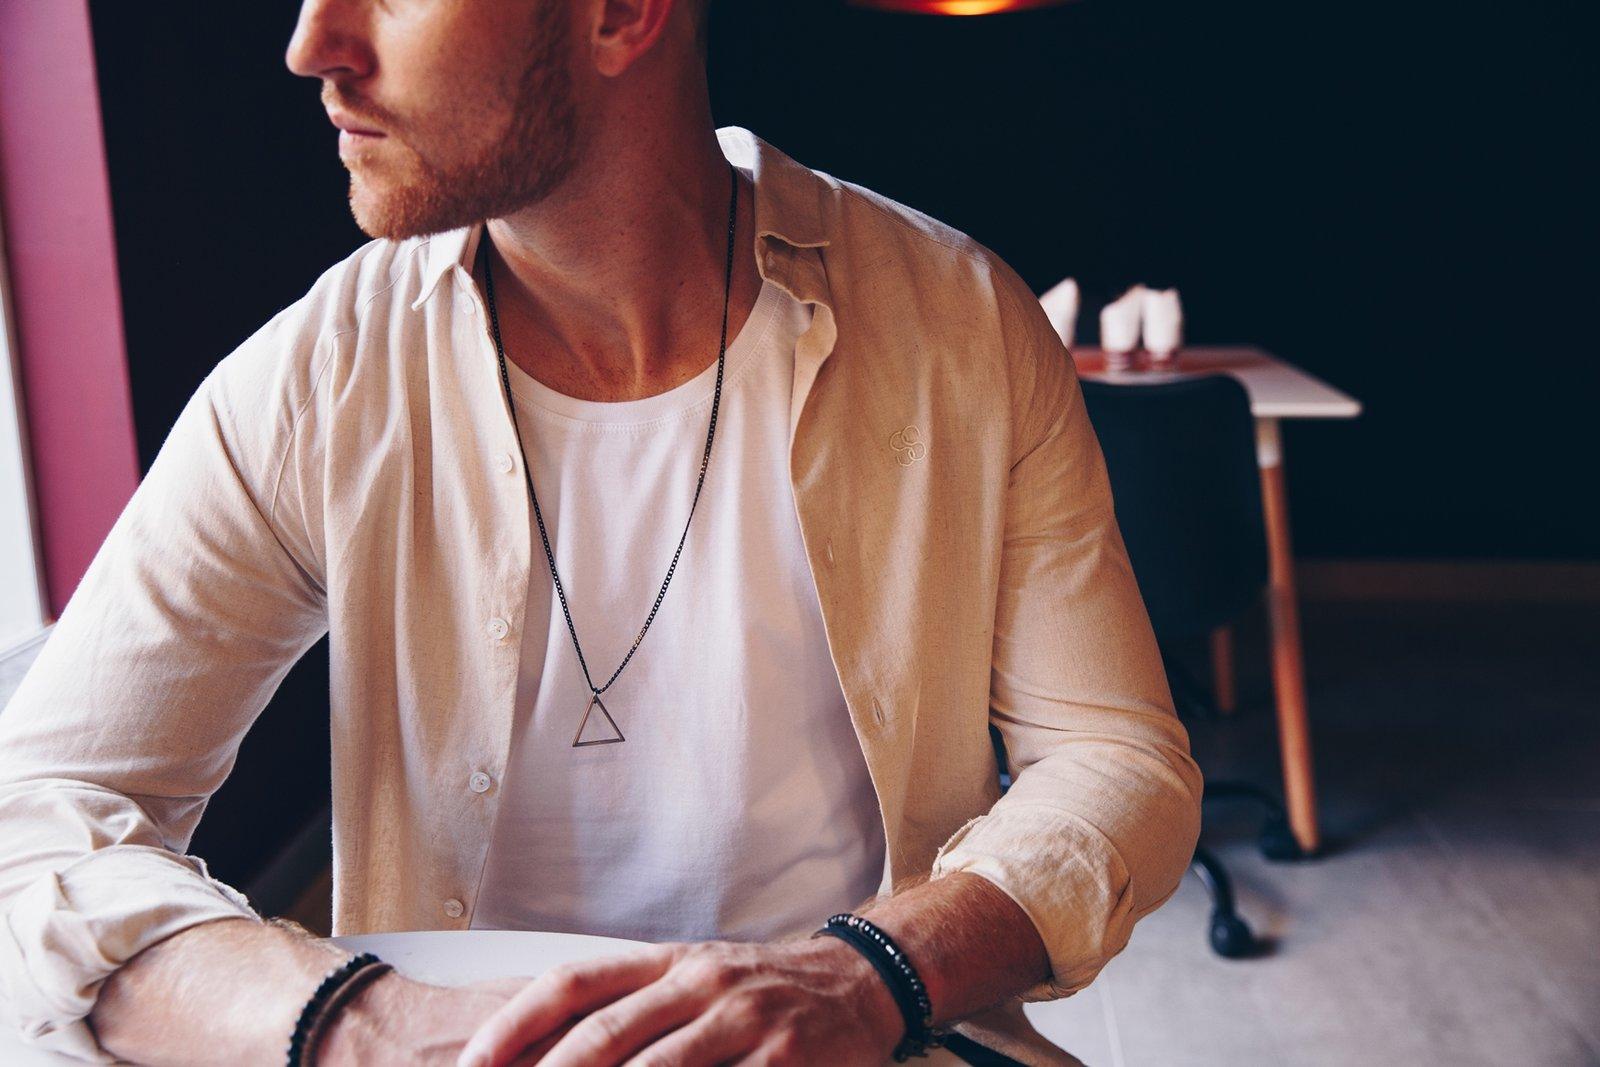 Saiba como renovar o guarda-roupas acrescentando acessórios ao seu look -  Melhor Conteúdo Digital - Moda MasculinaMODA MASCULINA c2a038f9fbad2